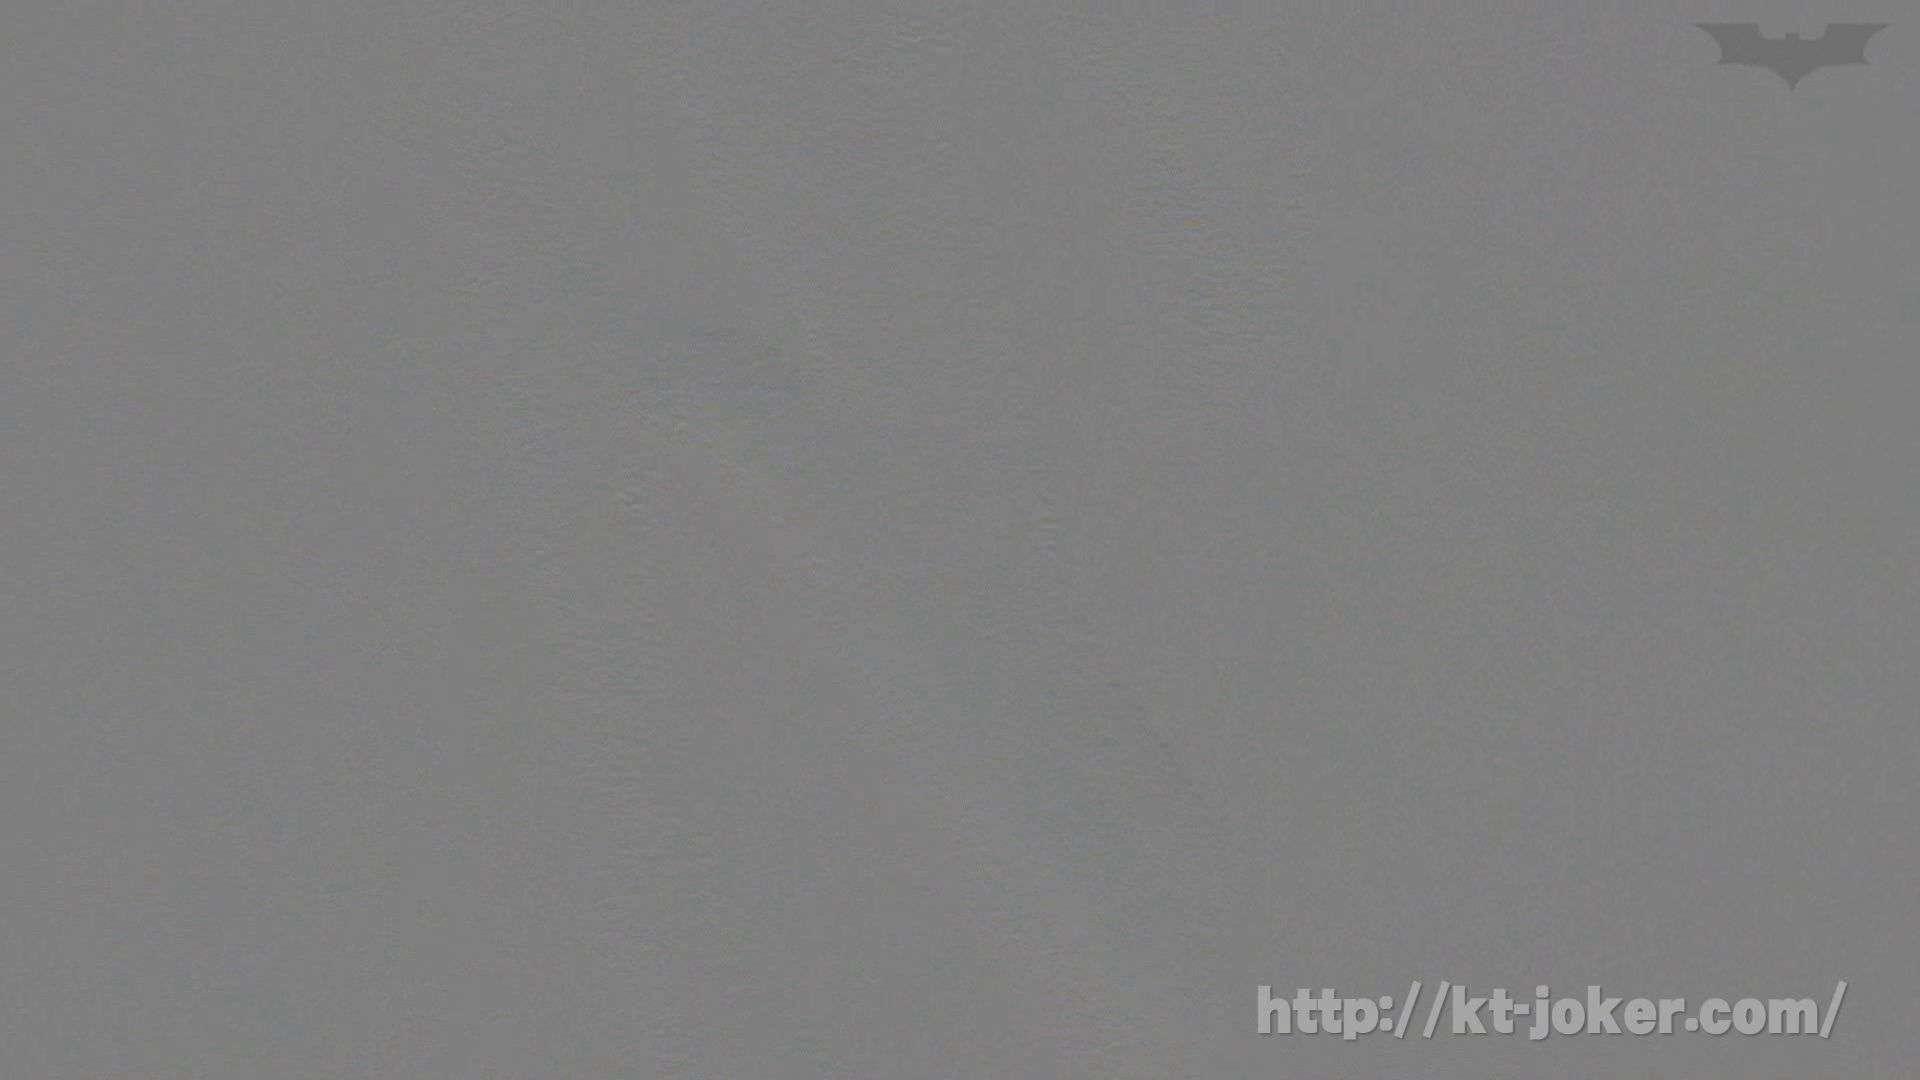 命がけ潜伏洗面所! vol.68 レベルアップ!! プライベート | OLセックス  106画像 55